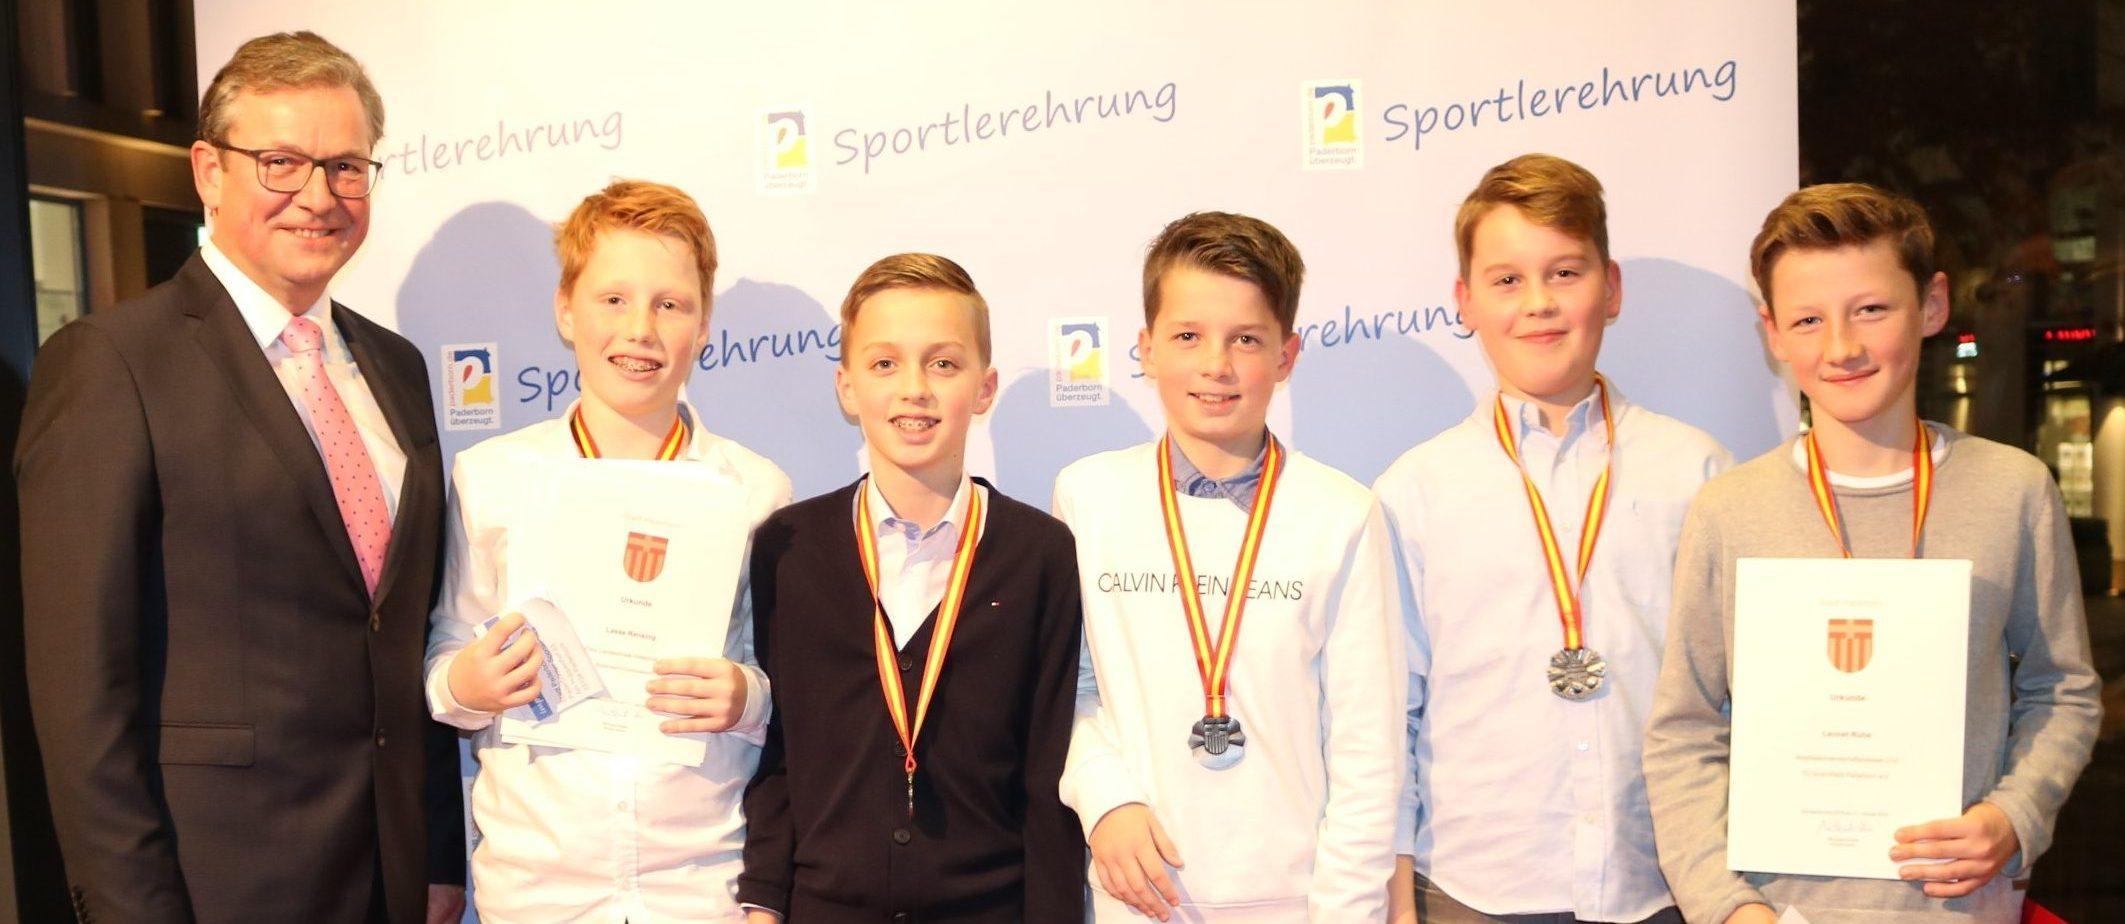 U12 Juniorinnen und Junioren als WESTFALENMEISTER 2018 geehrt